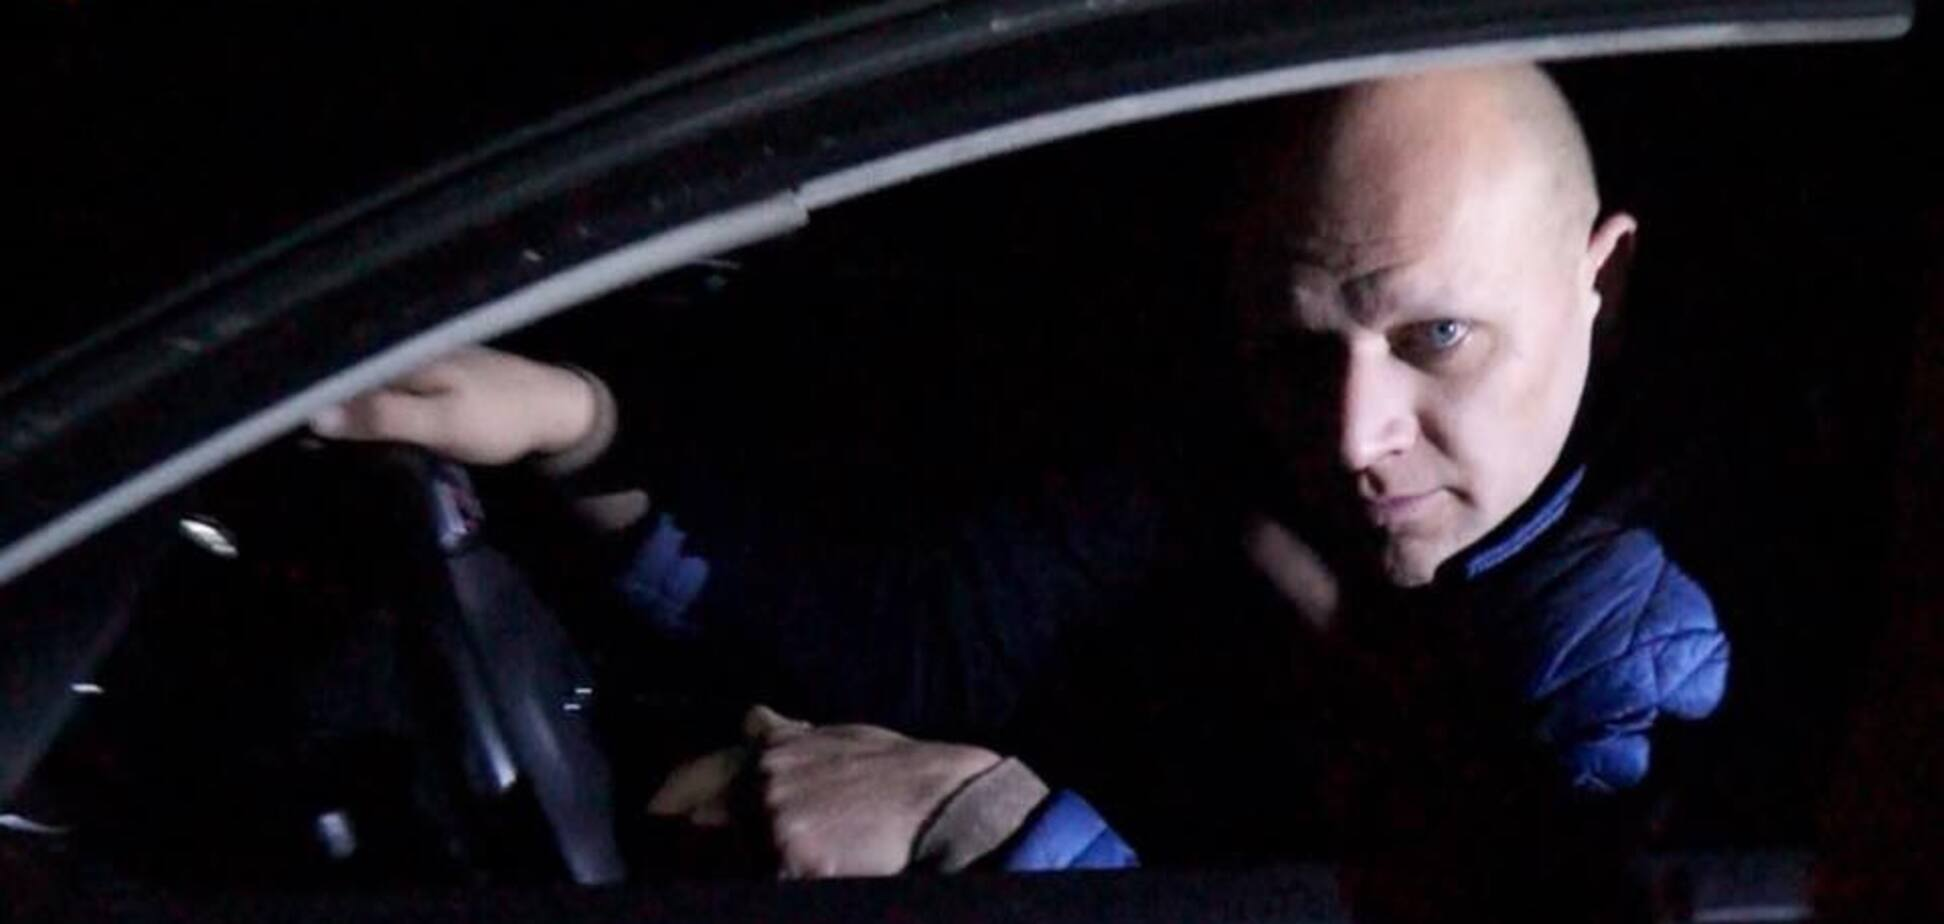 'Чья это морда': в Киеве разыскивают странного 'сотрудника прокуратуры'